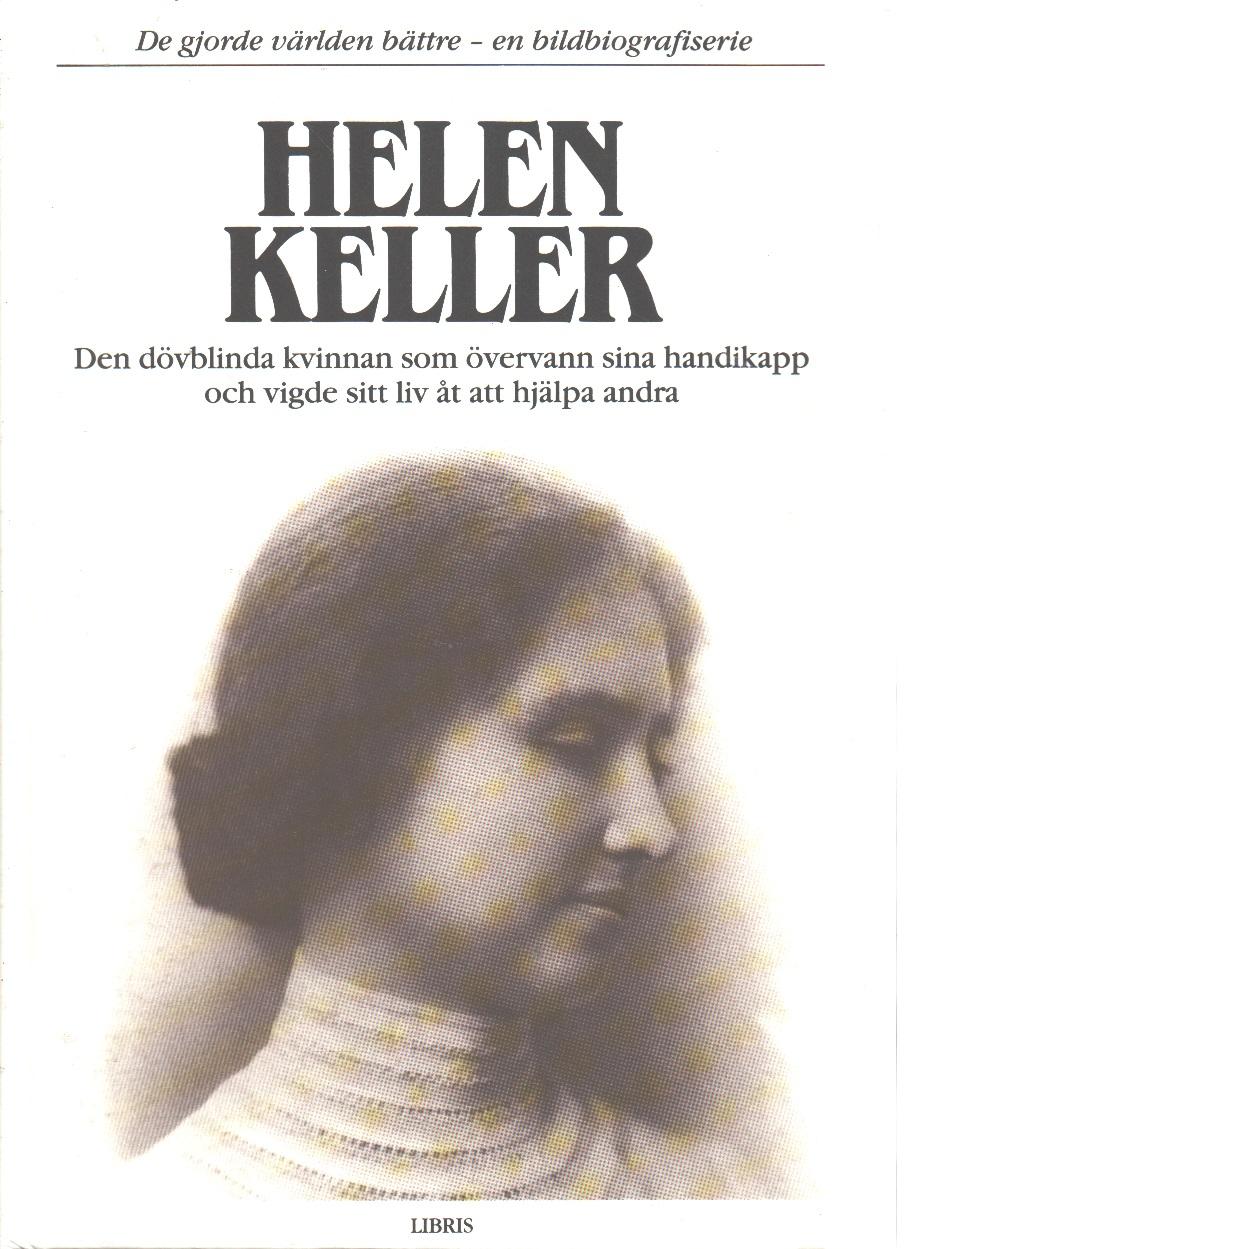 Helen Keller : den dövblinda kvinnan som övervann sina handikapp och vigde sitt liv åt att hjälpa andra - Macdonald, Fiona